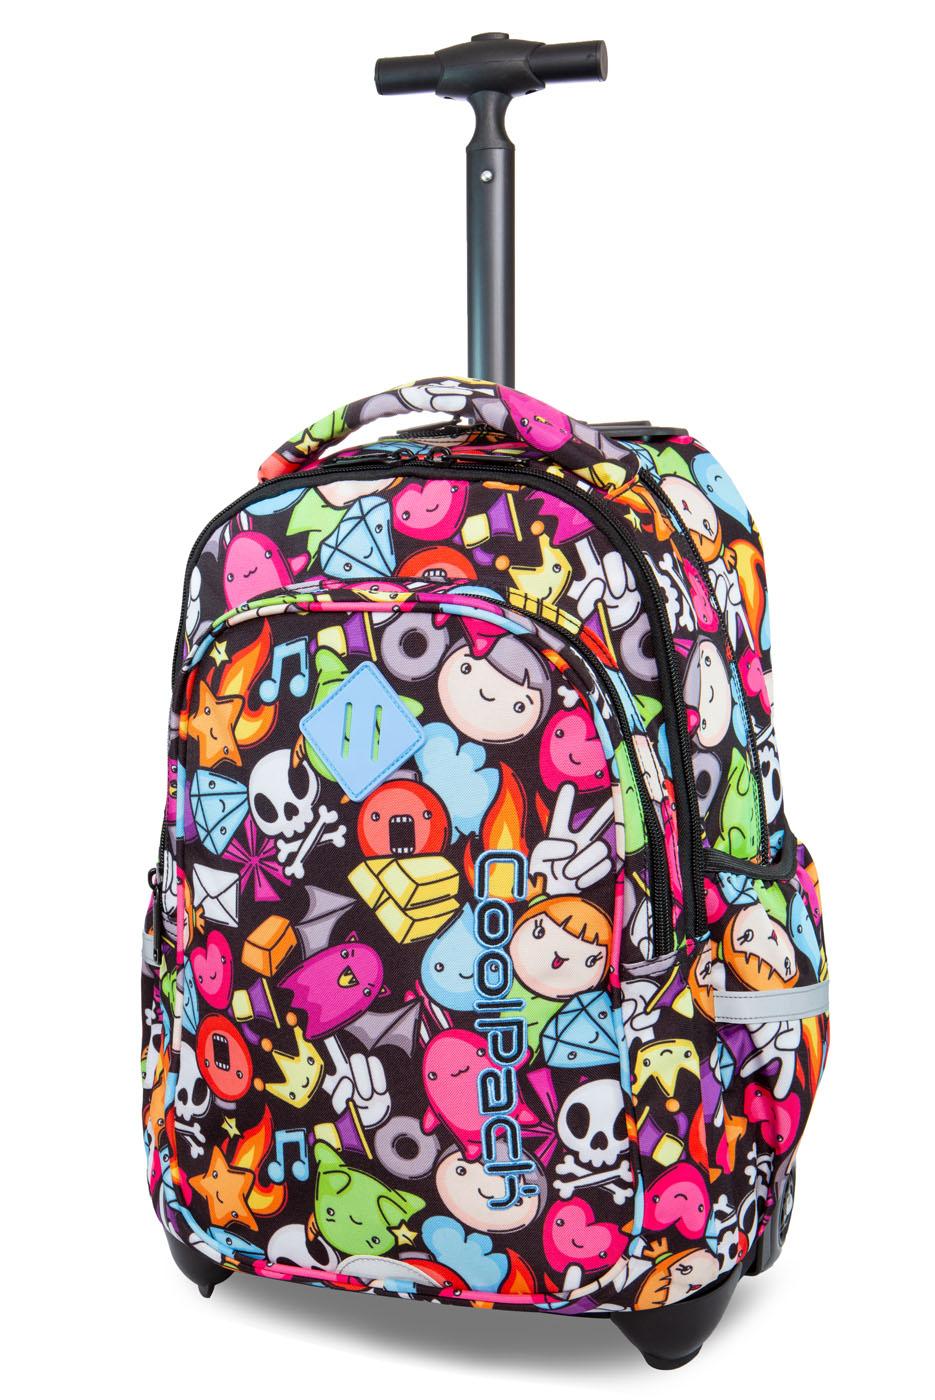 Coolpack   junior  rygsæk med hjul   doodle